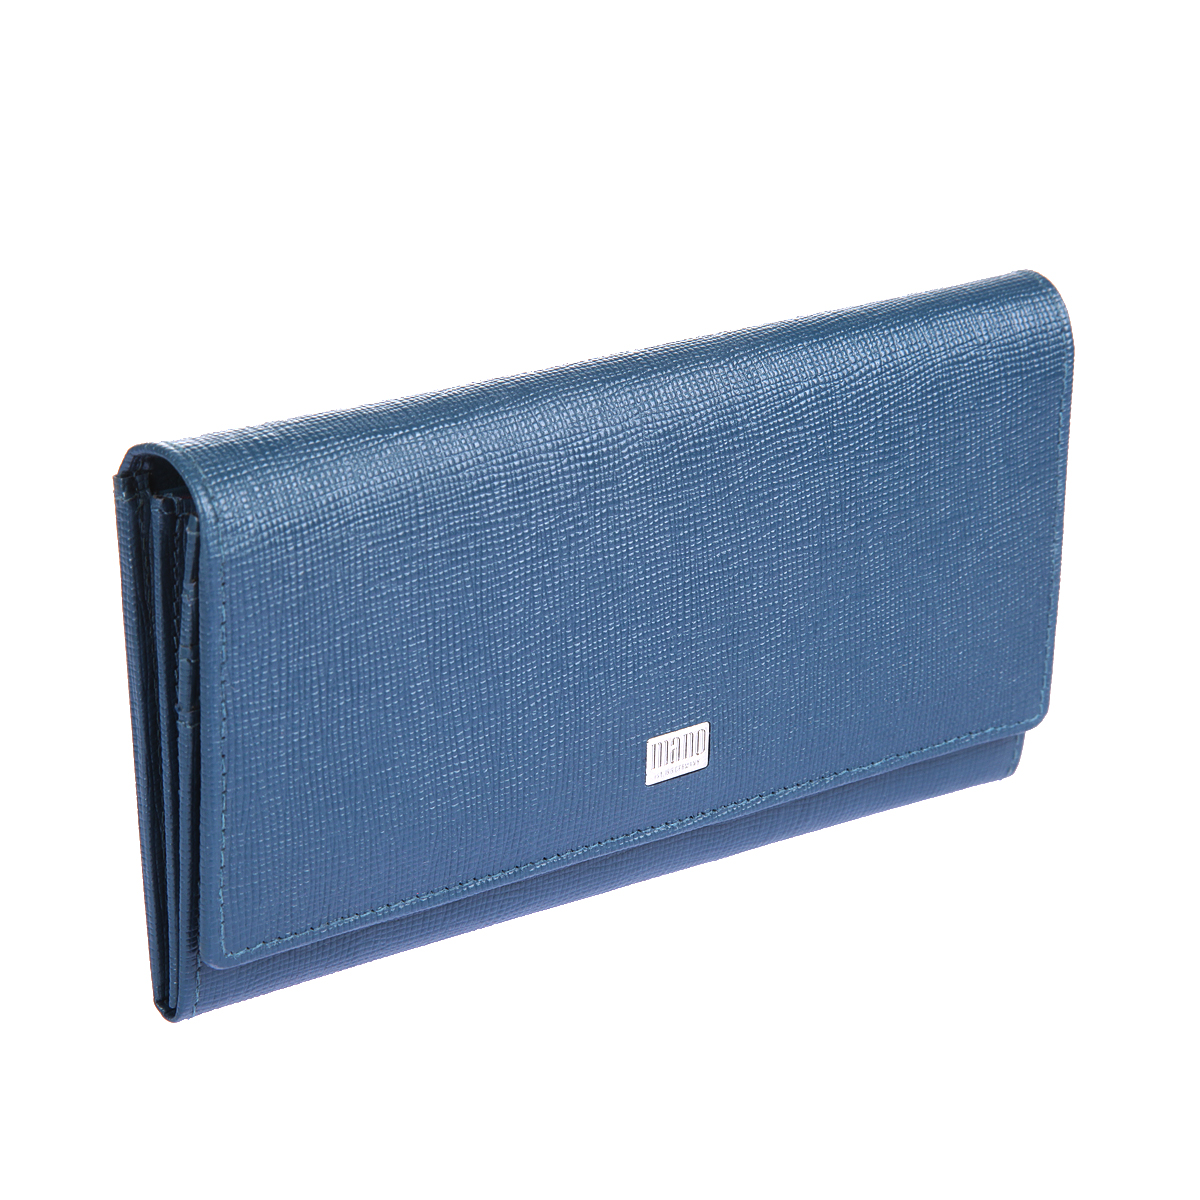 Портмоне женское Mano, цвет: синий. 20150 Franzi недорого